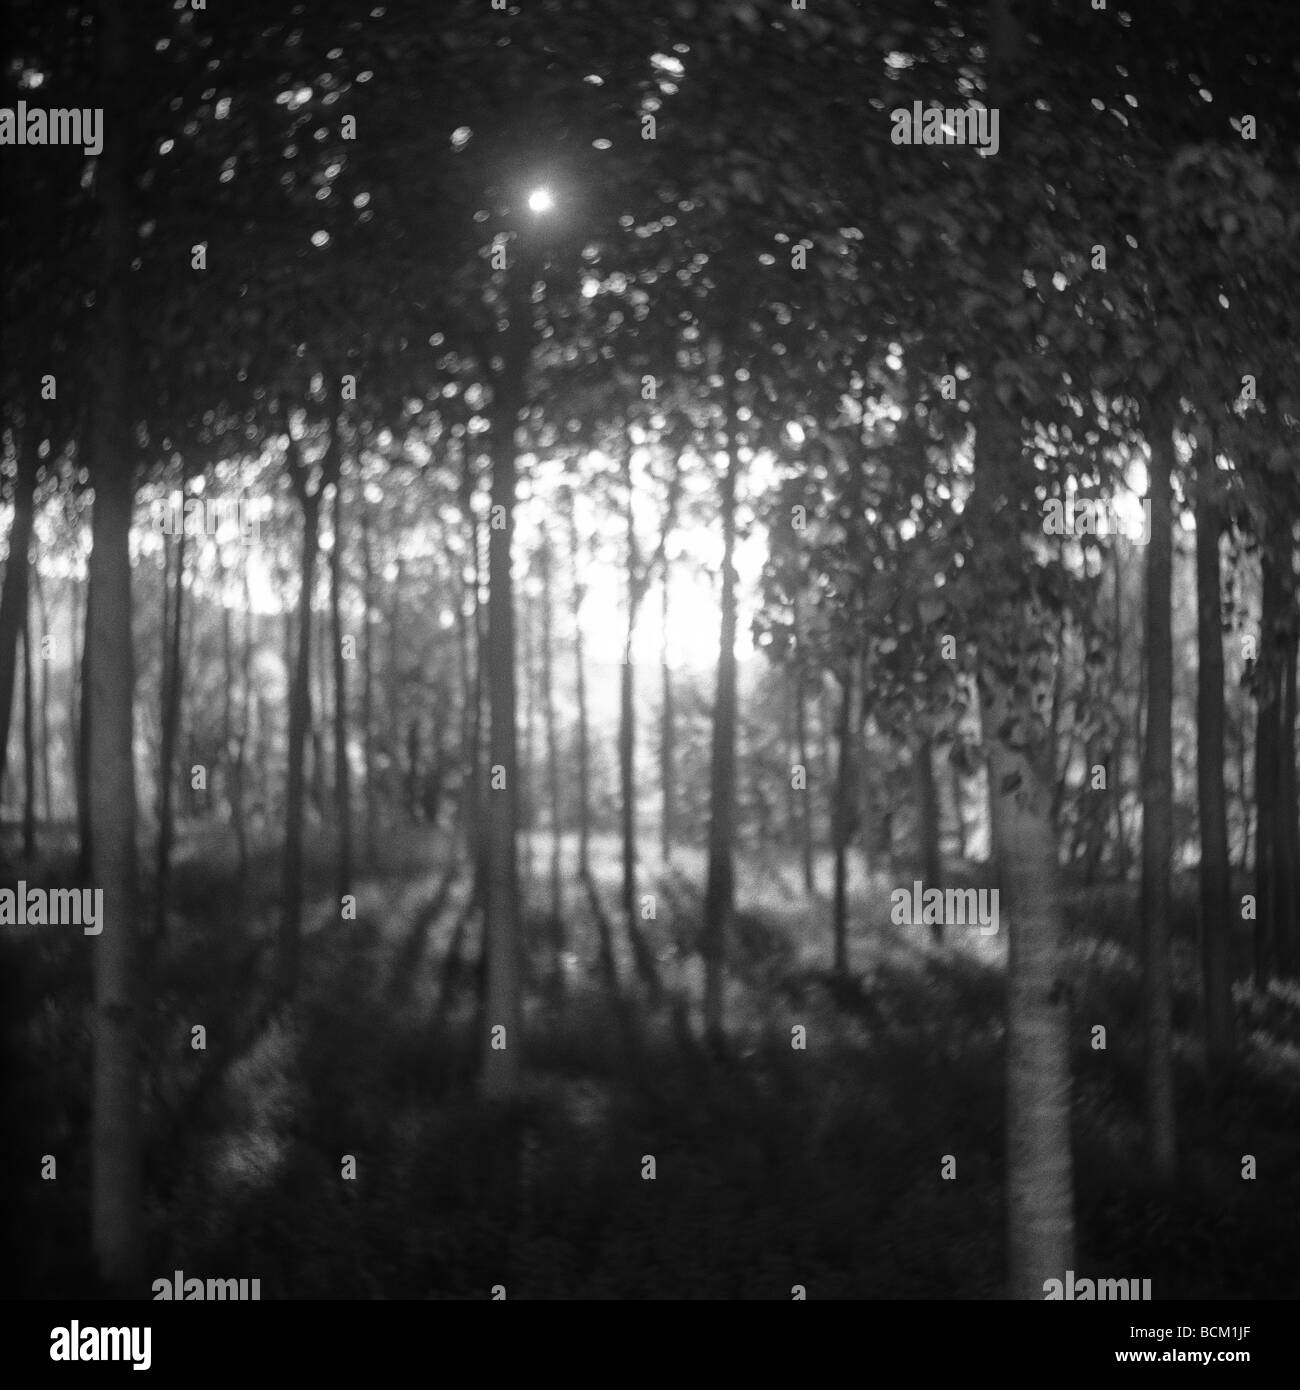 La luce del sole che splende attraverso boschi, in bianco e nero Immagini Stock